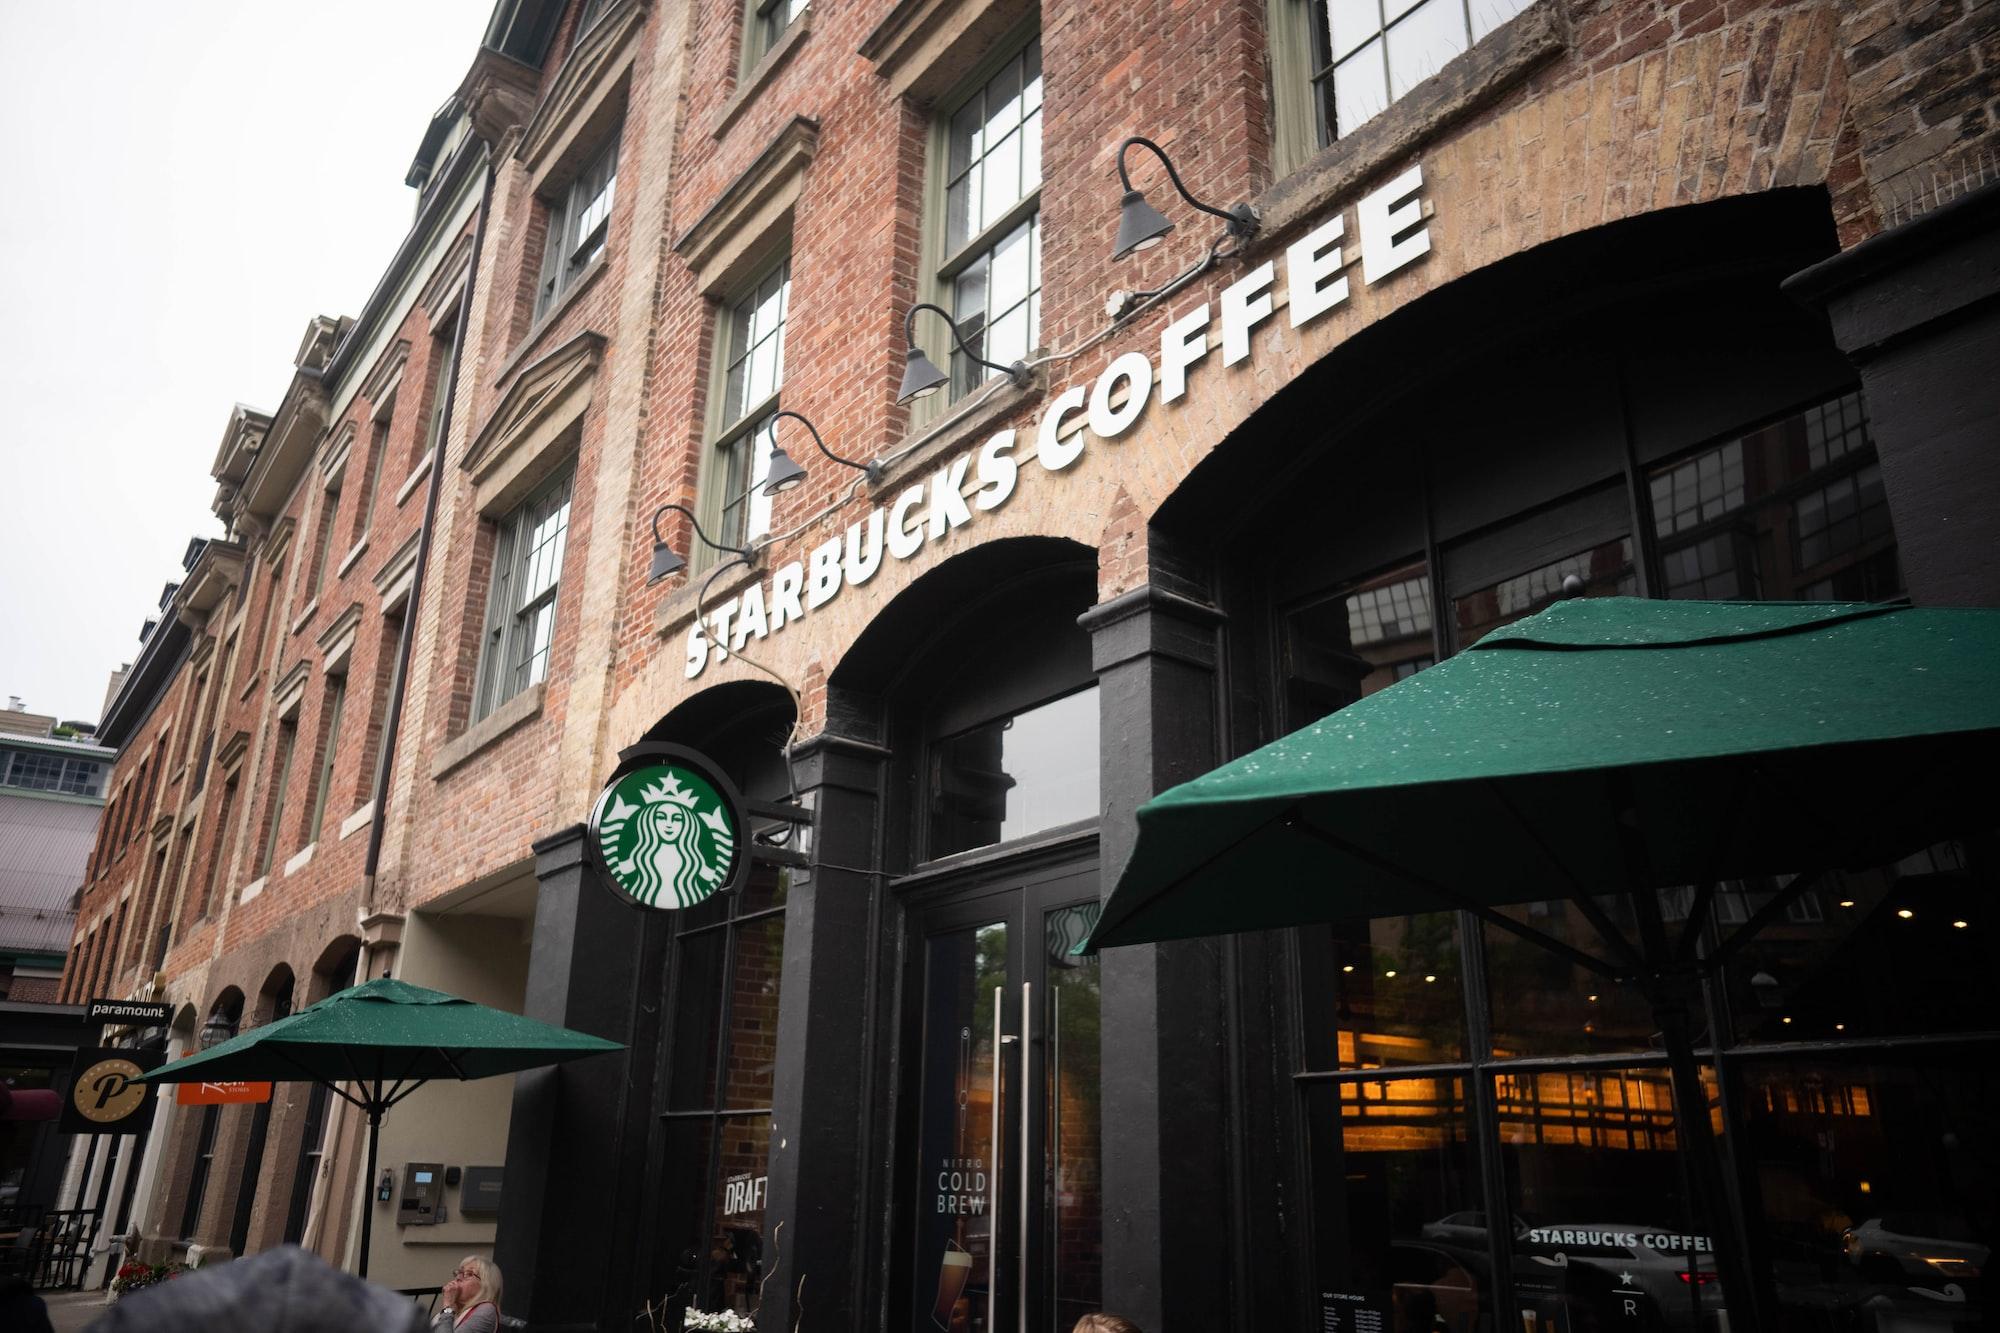 เหตุผลที่ Starbucks ครองความเป็น 1 ในธุรกิจกาแฟ